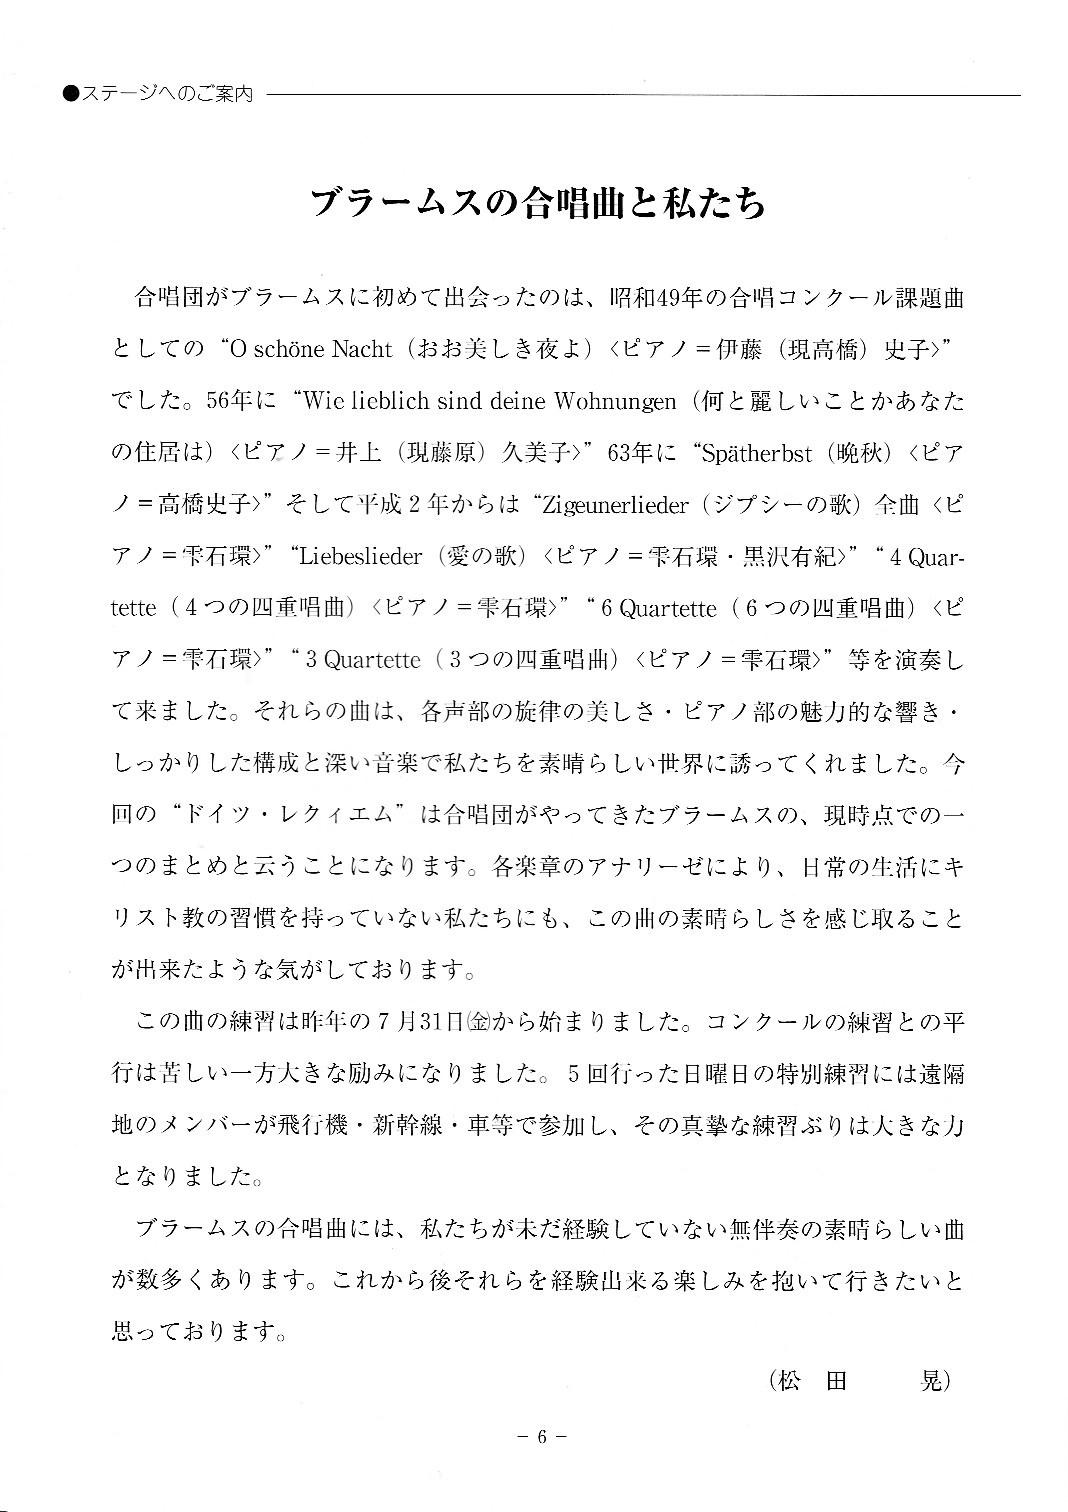 創立40周年記念演奏会_c0125004_19155526.jpg